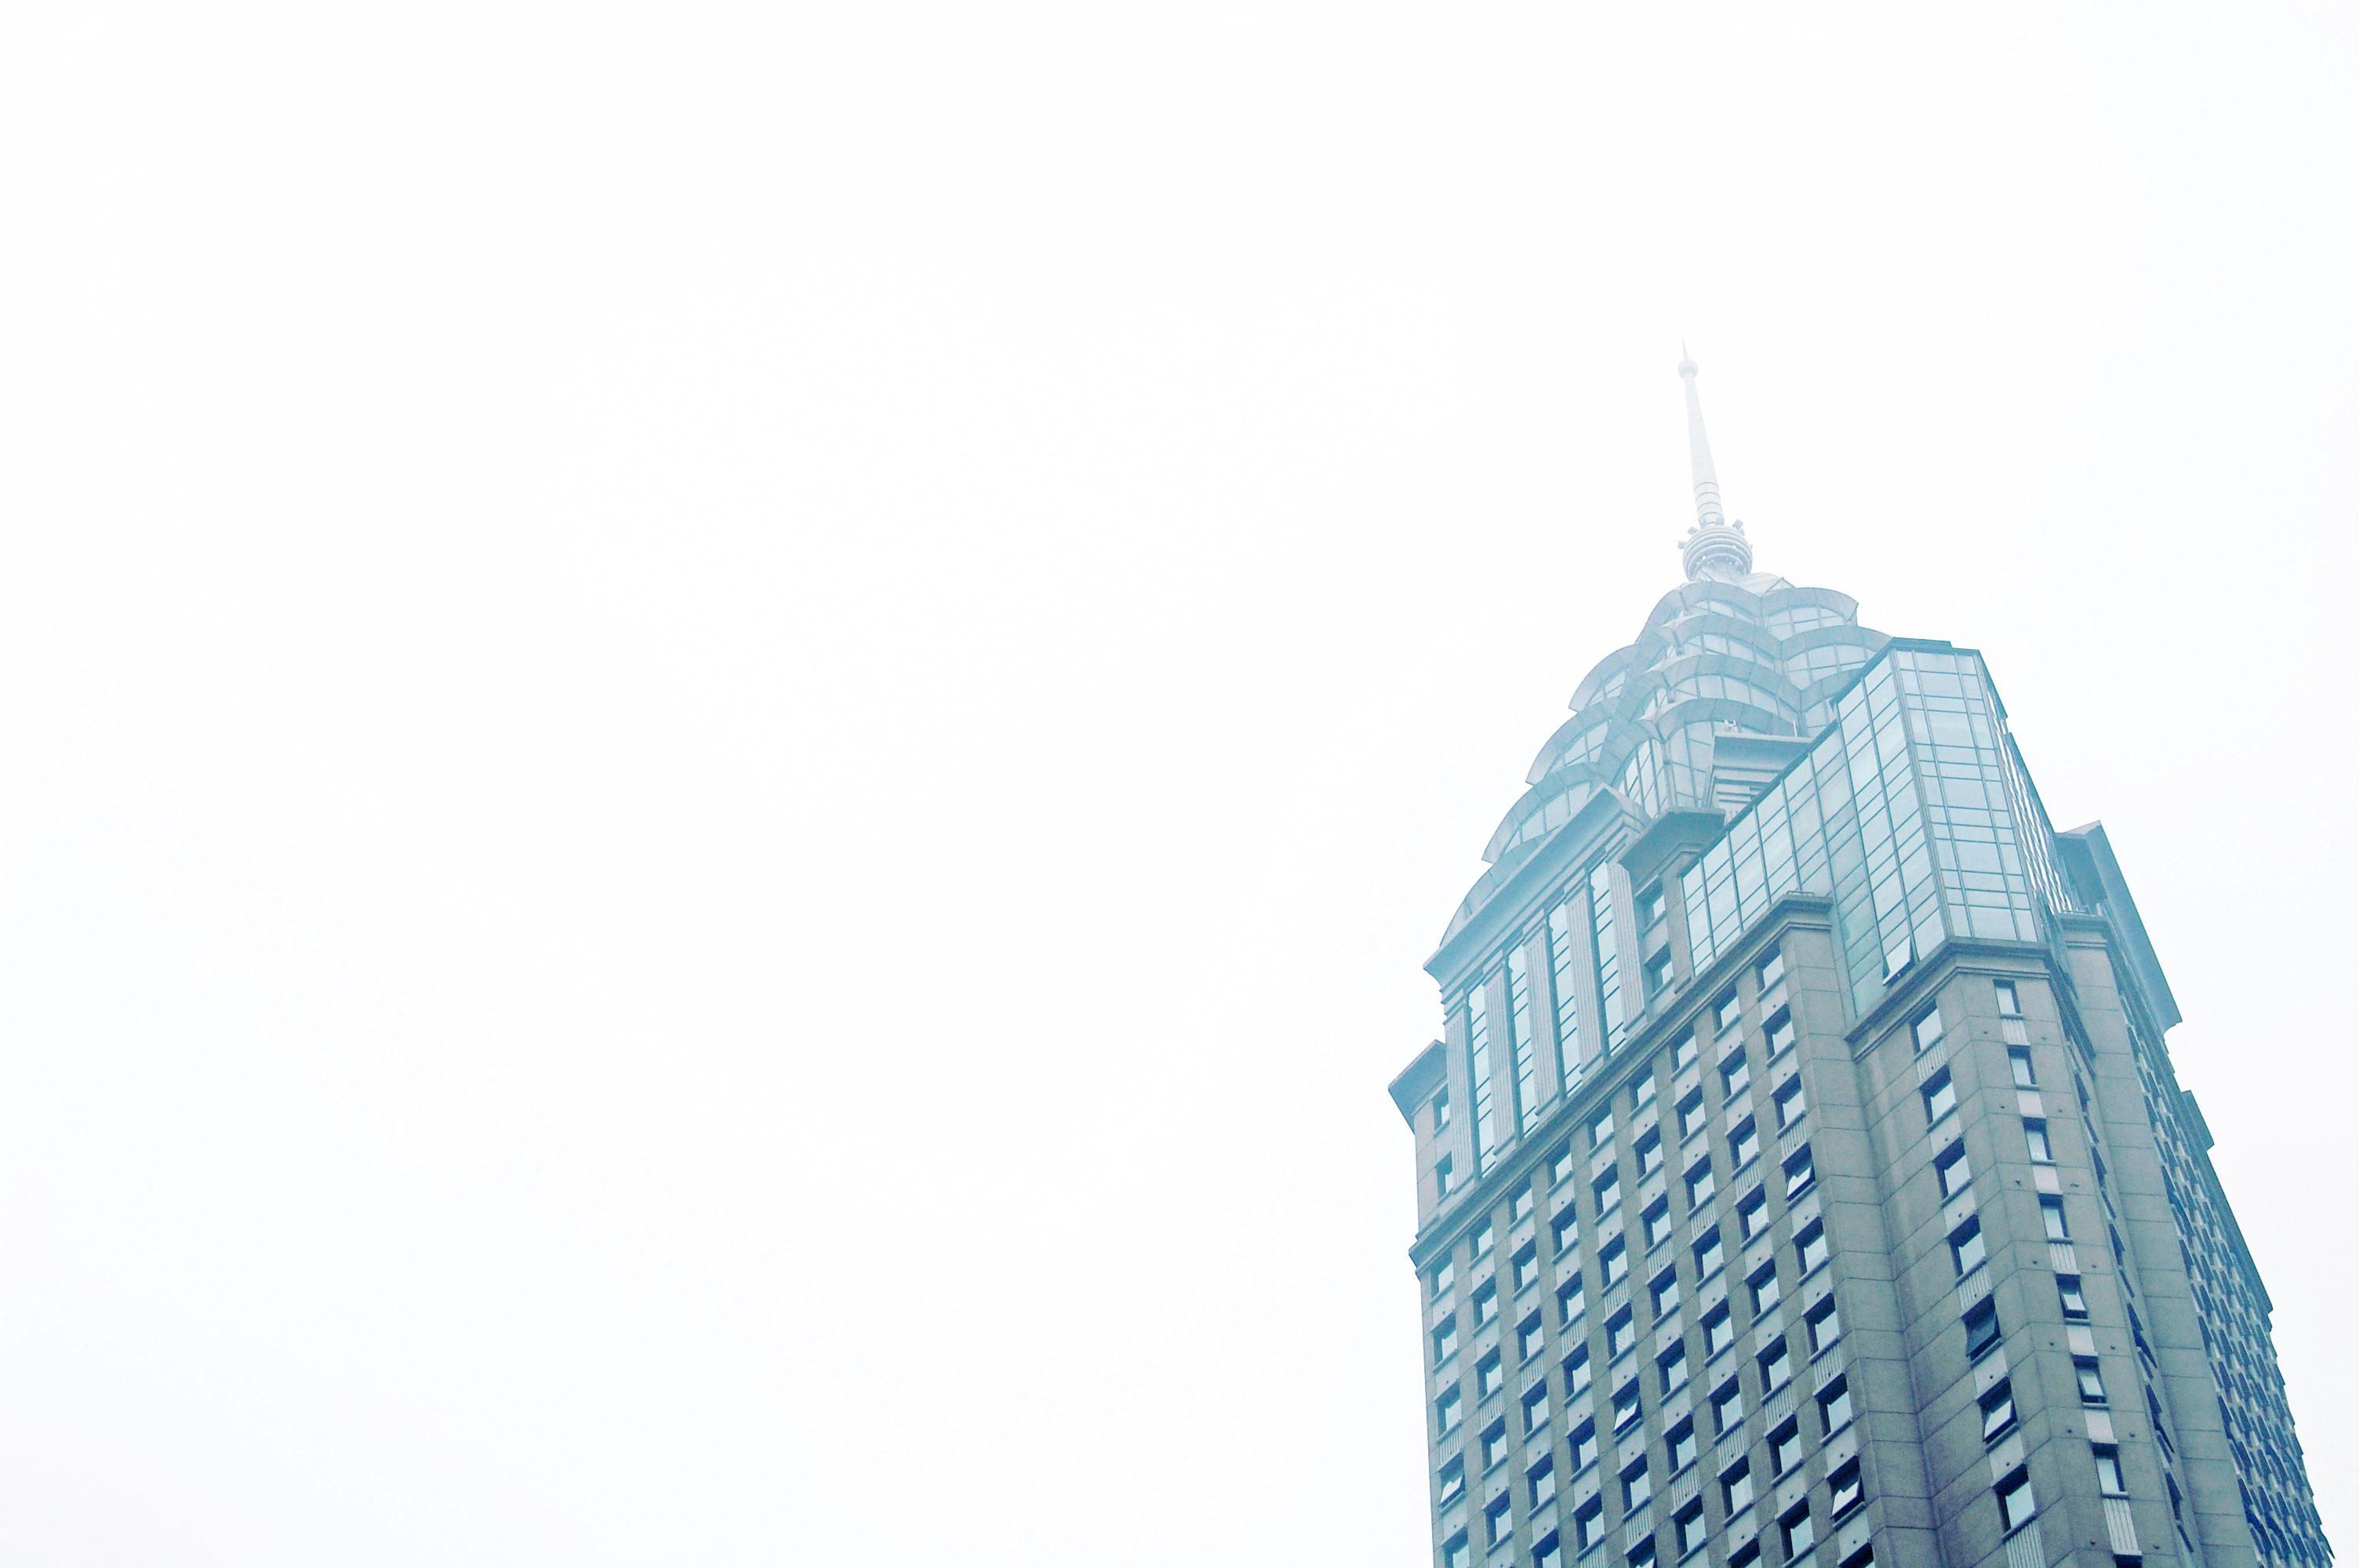 Pudong_Shanghai_China_bank